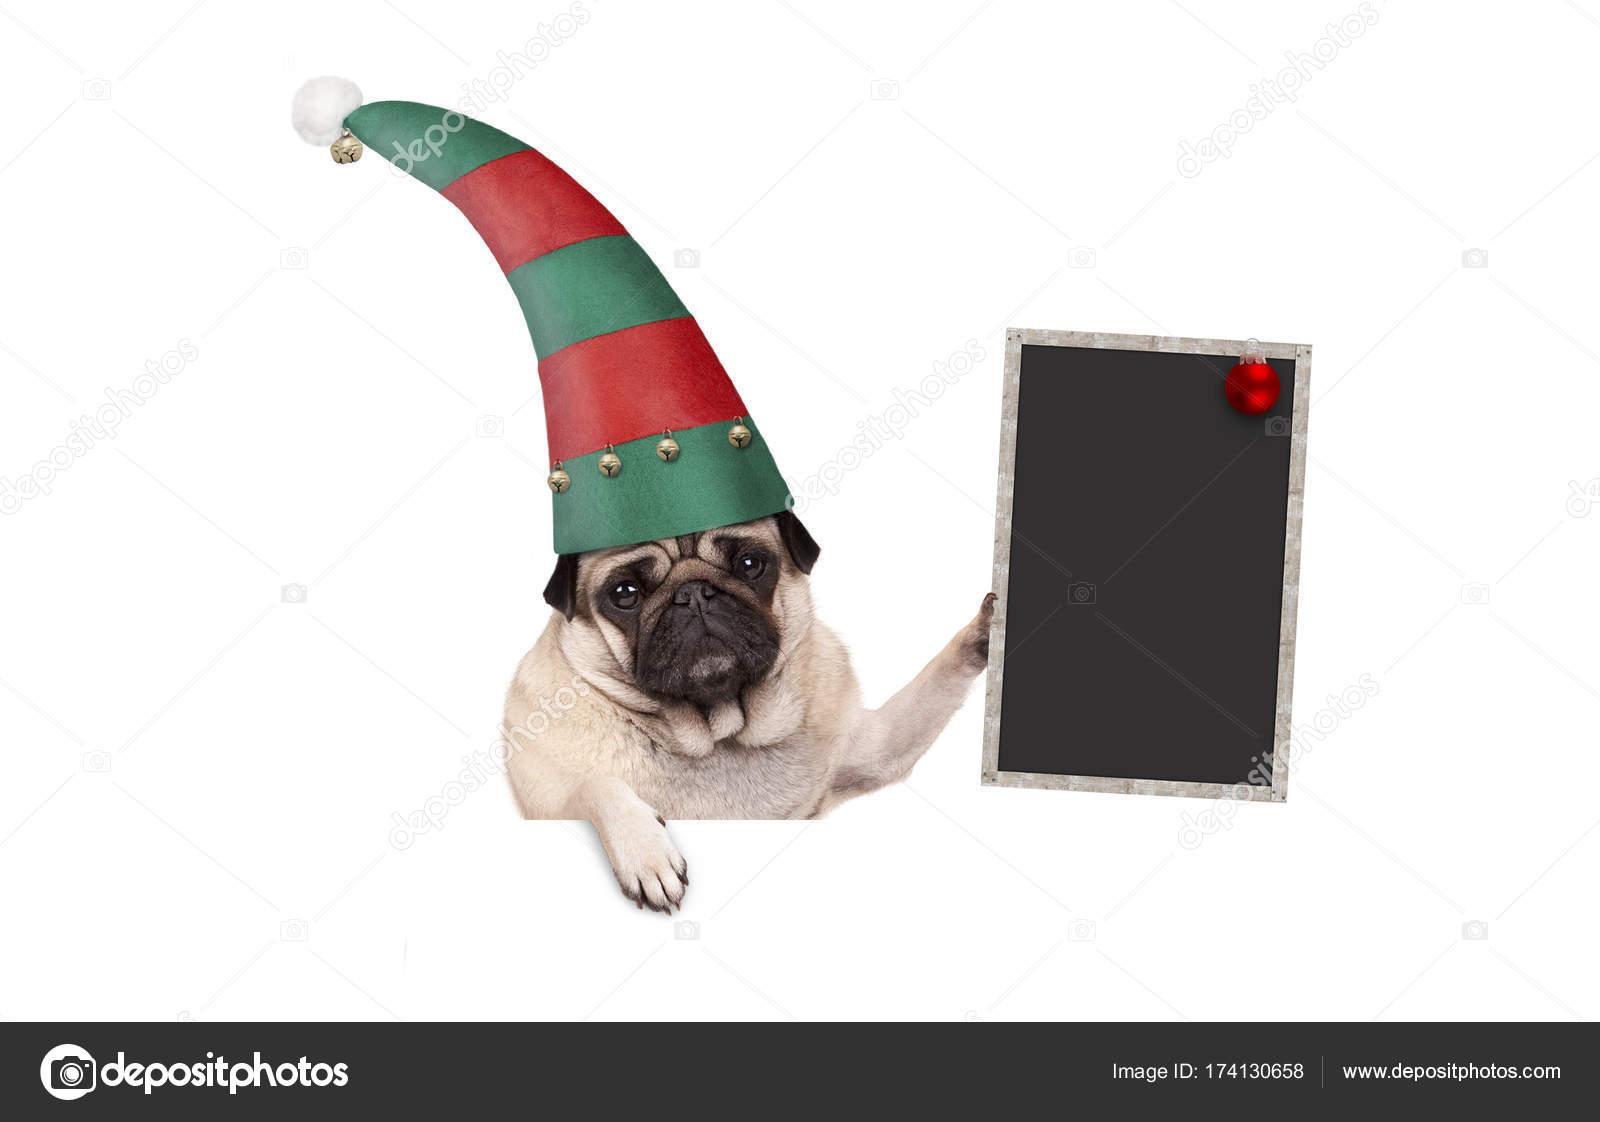 532bce78b2007 Navidad pug cachorro perro con sombrero de elfo rojo y verde con letrero de  pizarra en